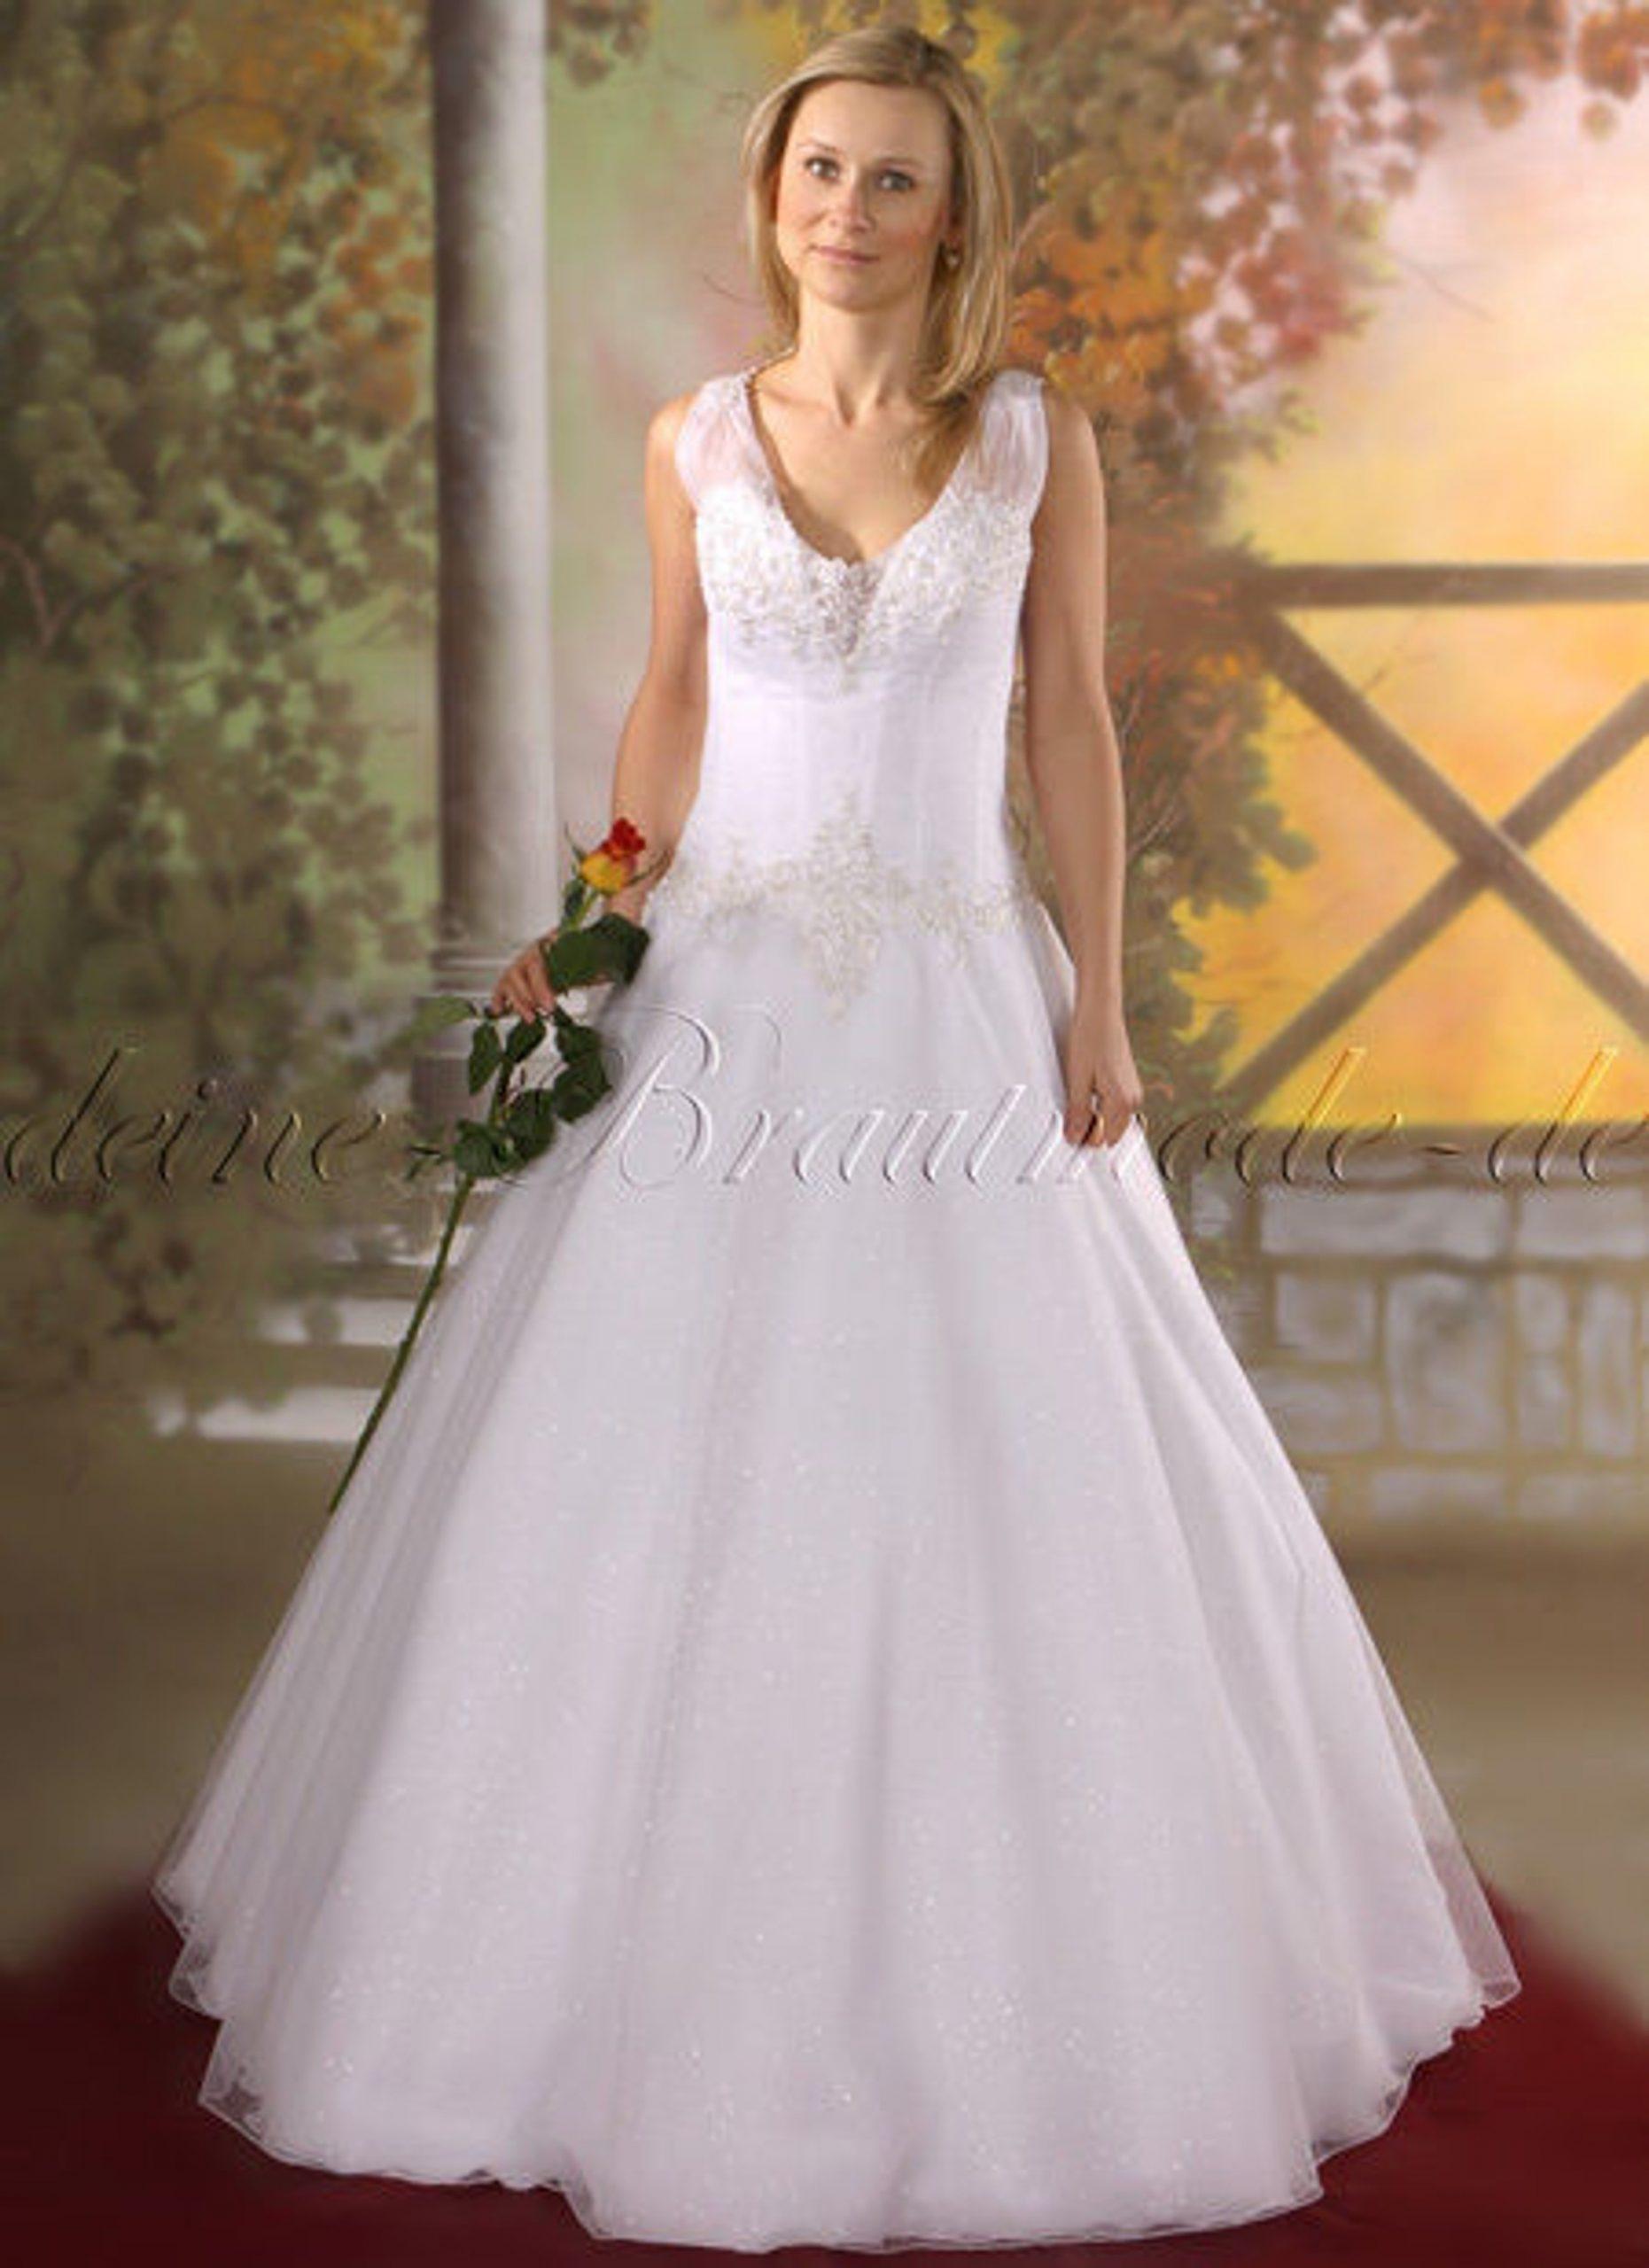 Hochzeitskleid Brautkleid Hochzeit Kleid Tüll Träger, Ärmellos, Weiß,  Ivory, Neu